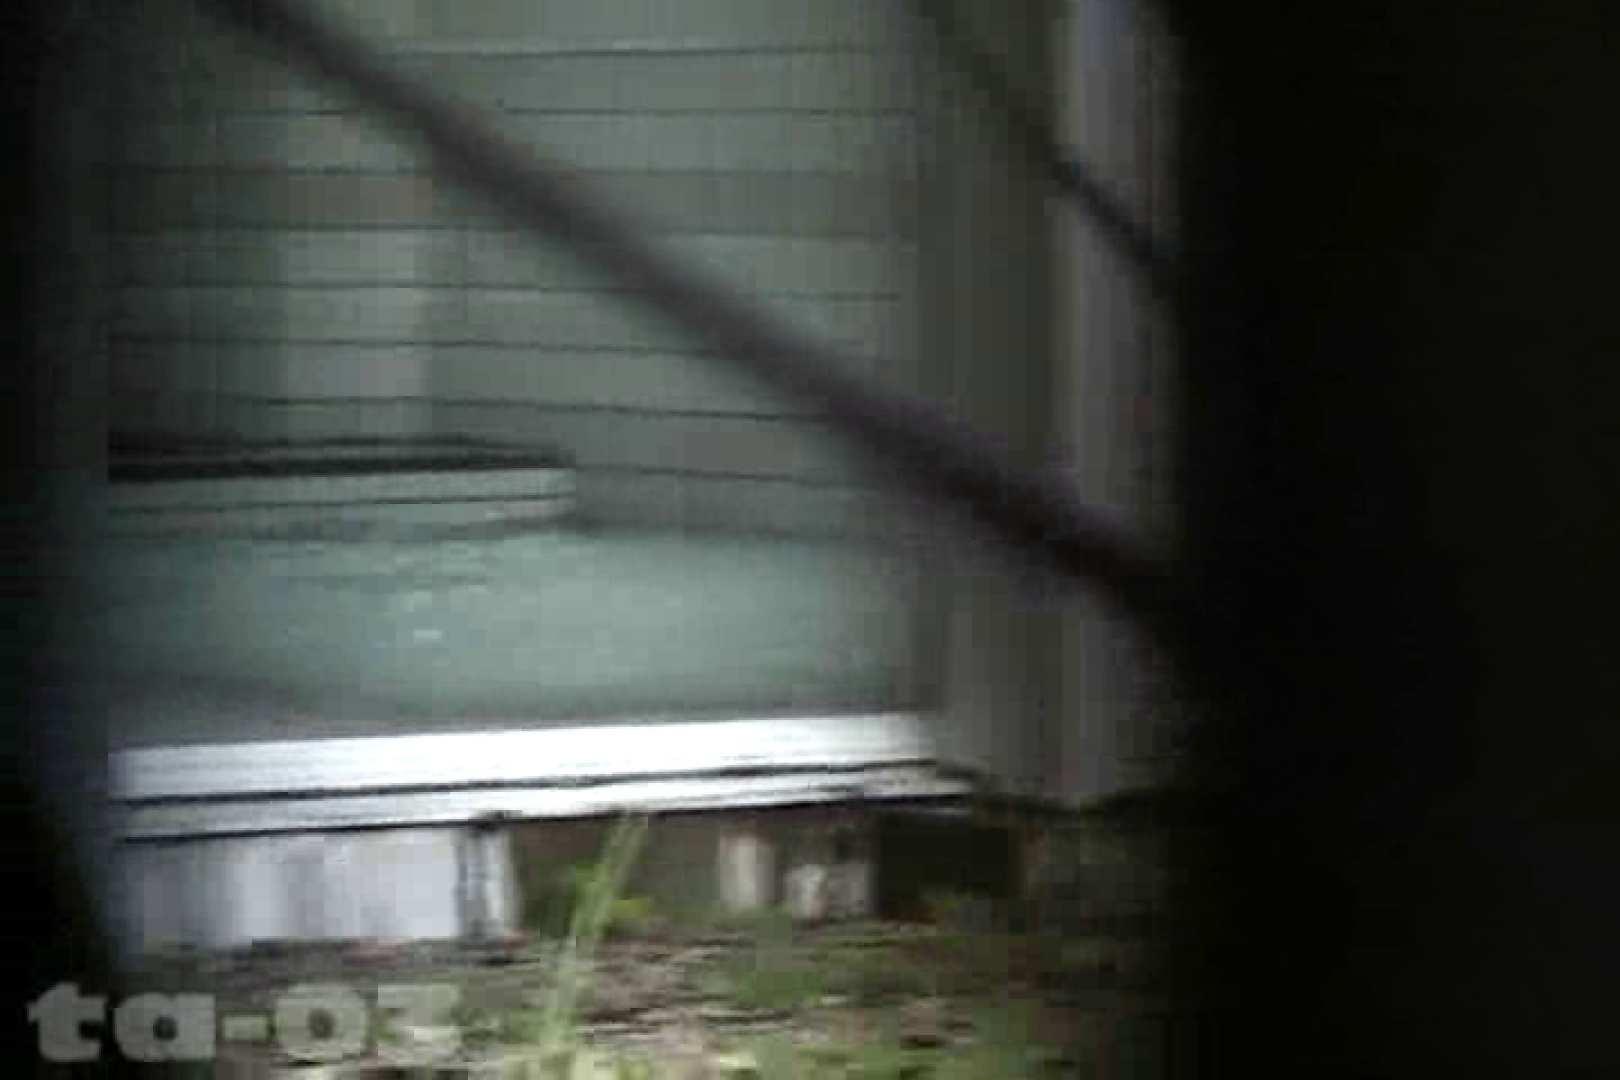 合宿ホテル女風呂盗撮高画質版 Vol.03 高画質 セックス無修正動画無料 71pic 40